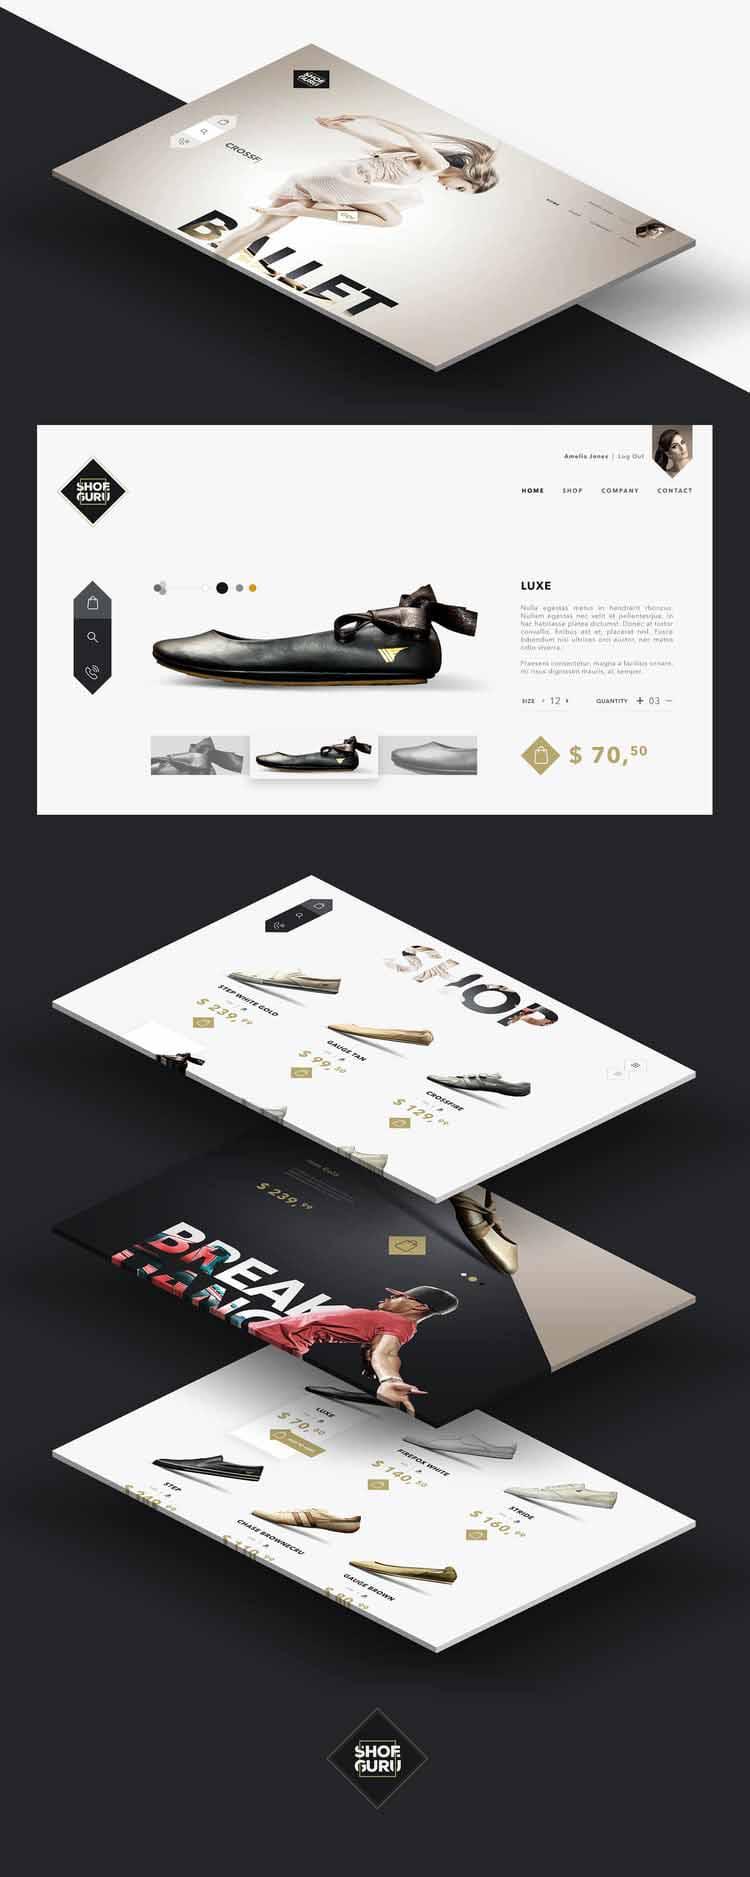 Thiết kế catalogue của Shoe Guru.